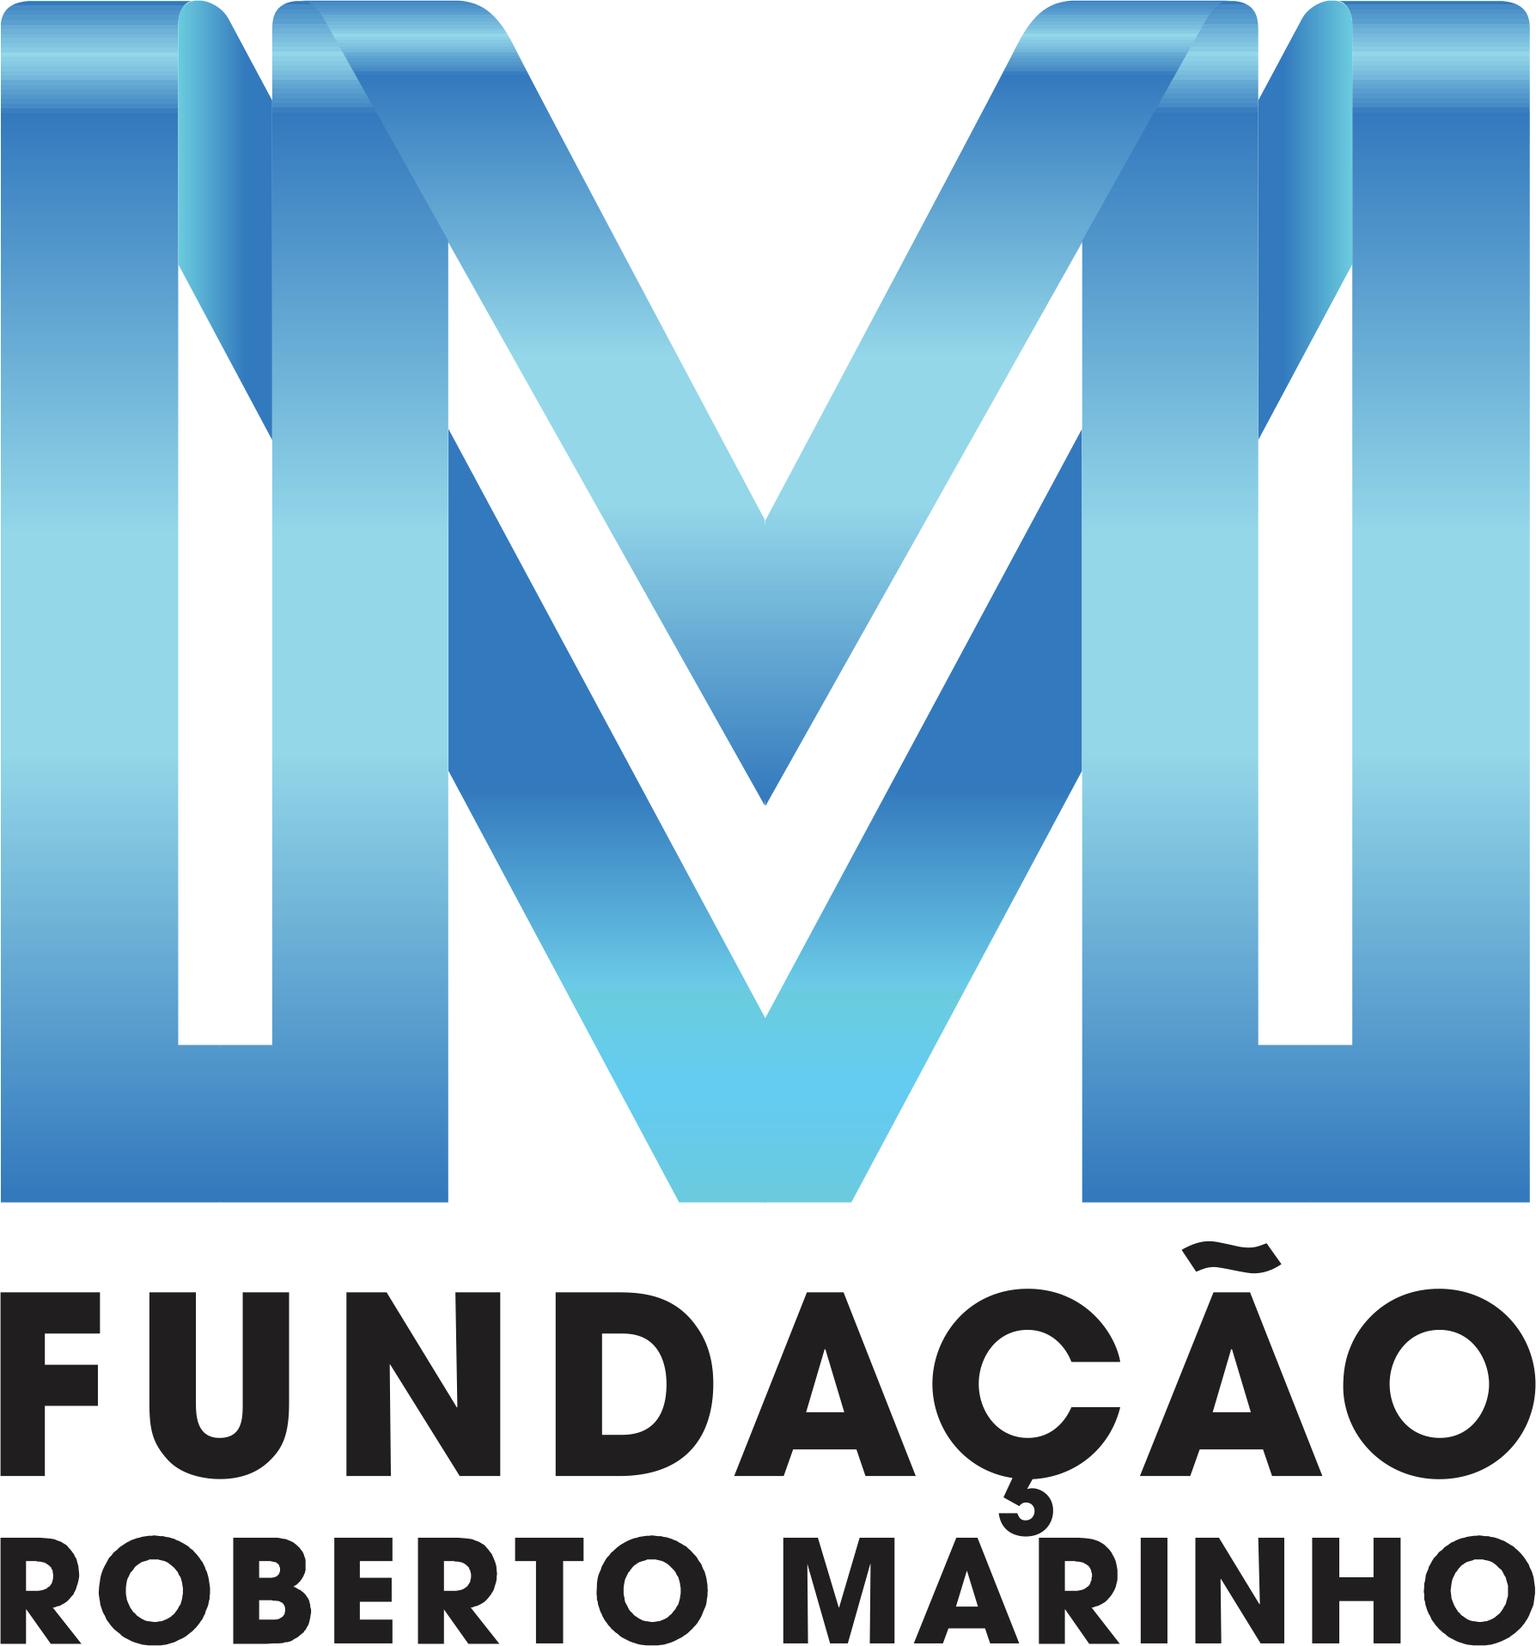 Estudo de caso da AWS: Fundação Roberto Marinho